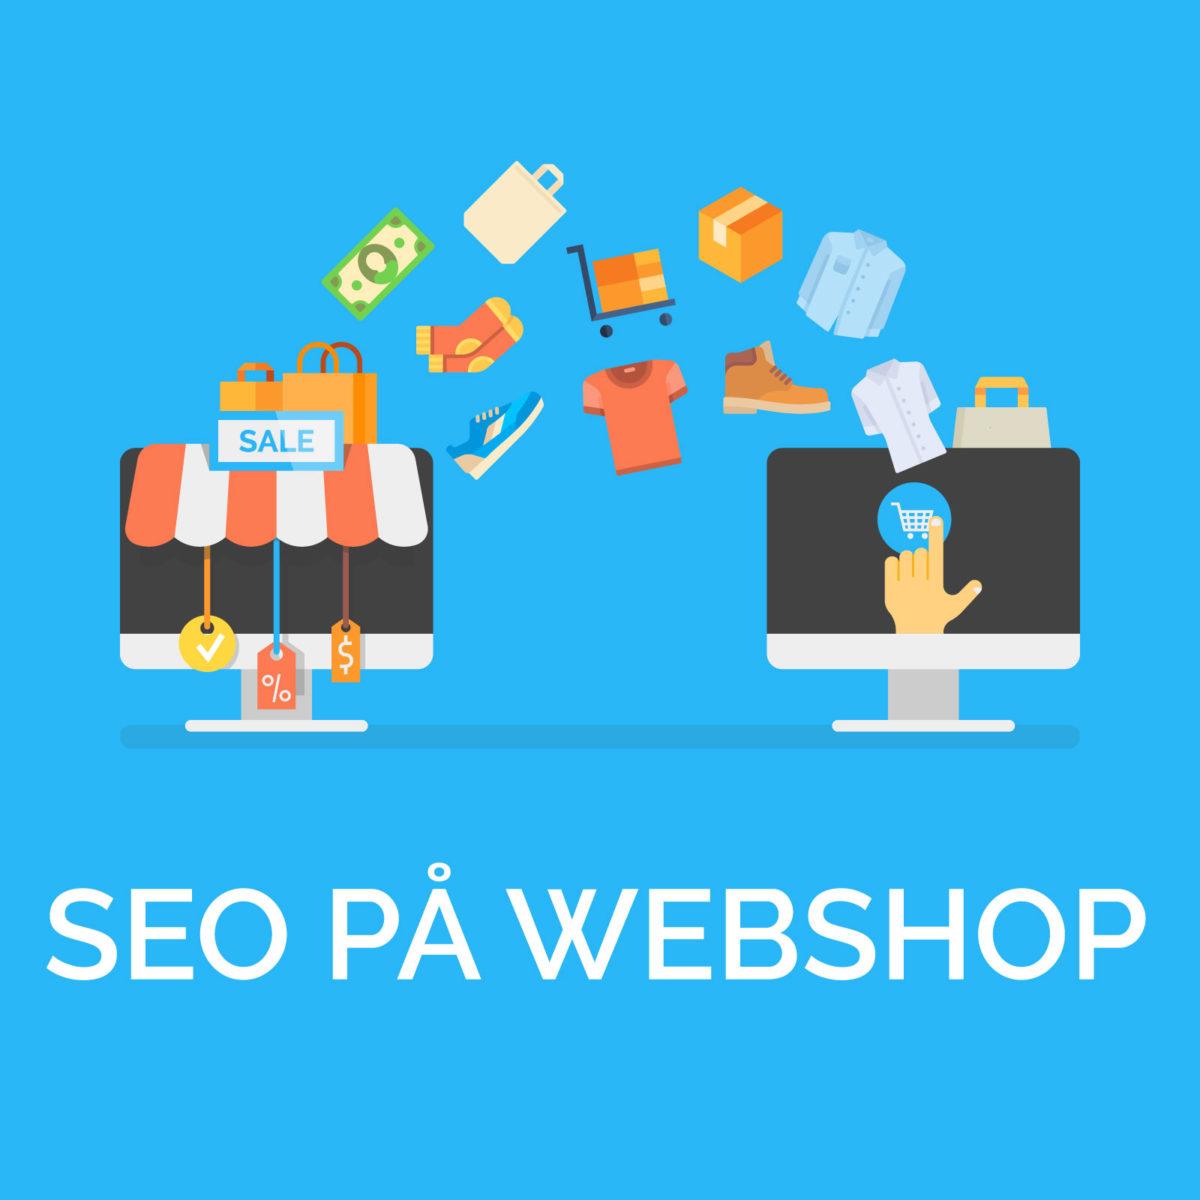 574a0986c4a SEO på webshop - sådan bliver dine produkter fundet - Digitypes